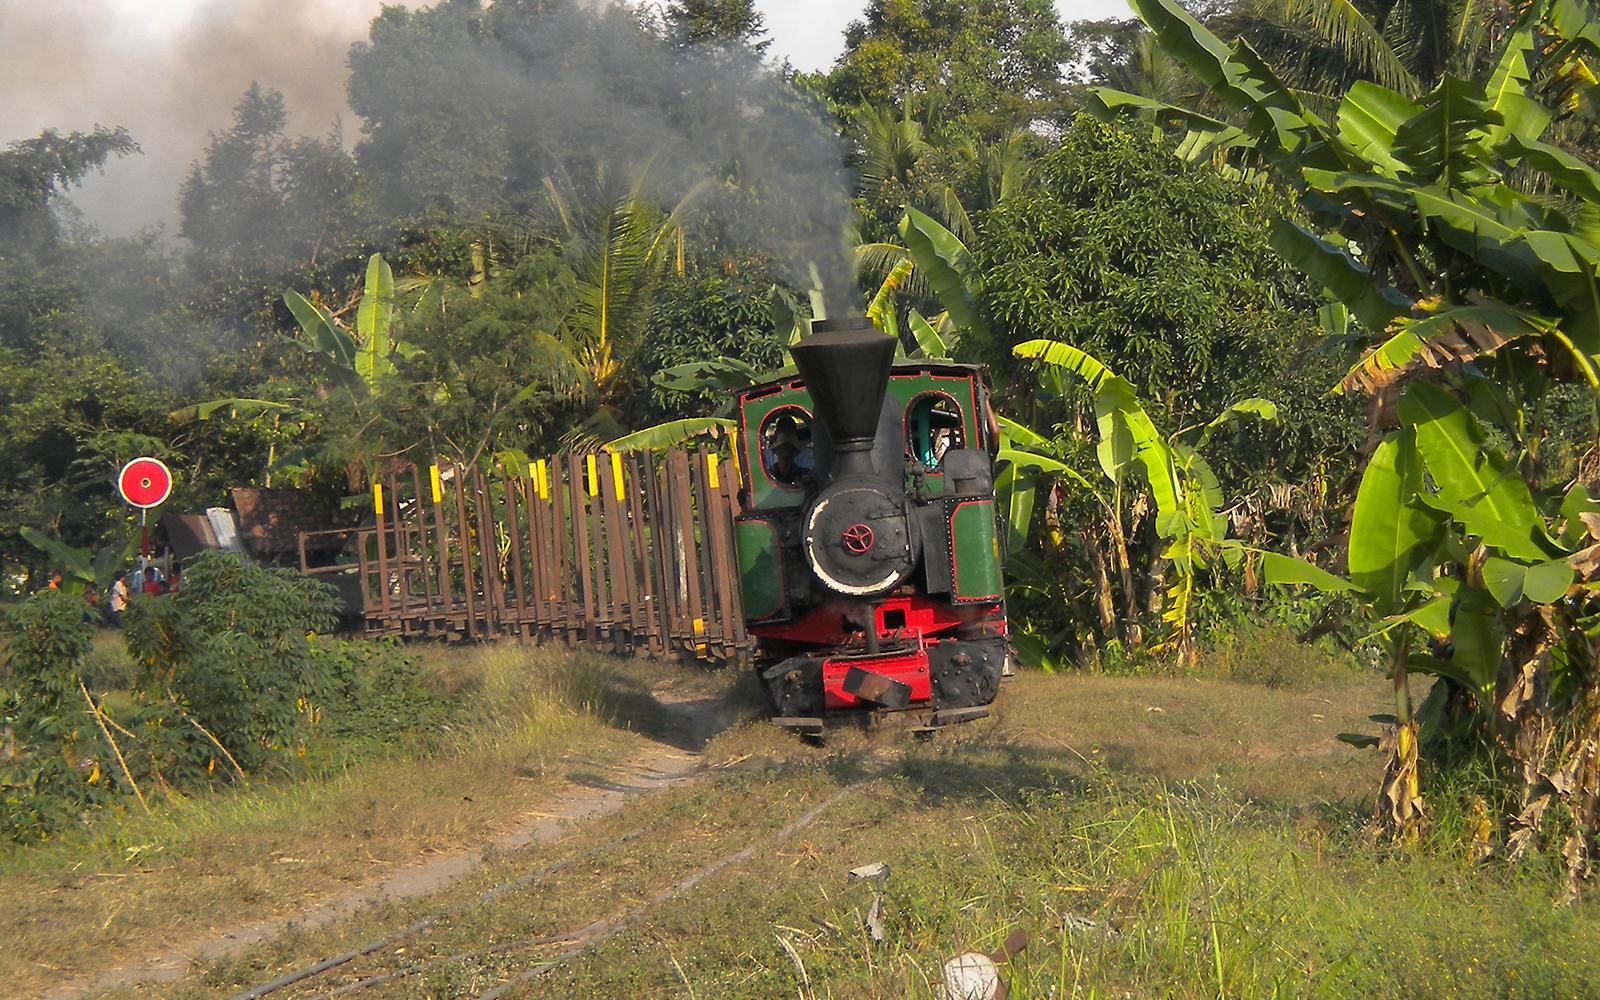 Foto: Dampflokparadies in den Zuckerrohrplantagen Java in Indonesien. Fotografiert von railmen-Lokführer Steffen Mann.